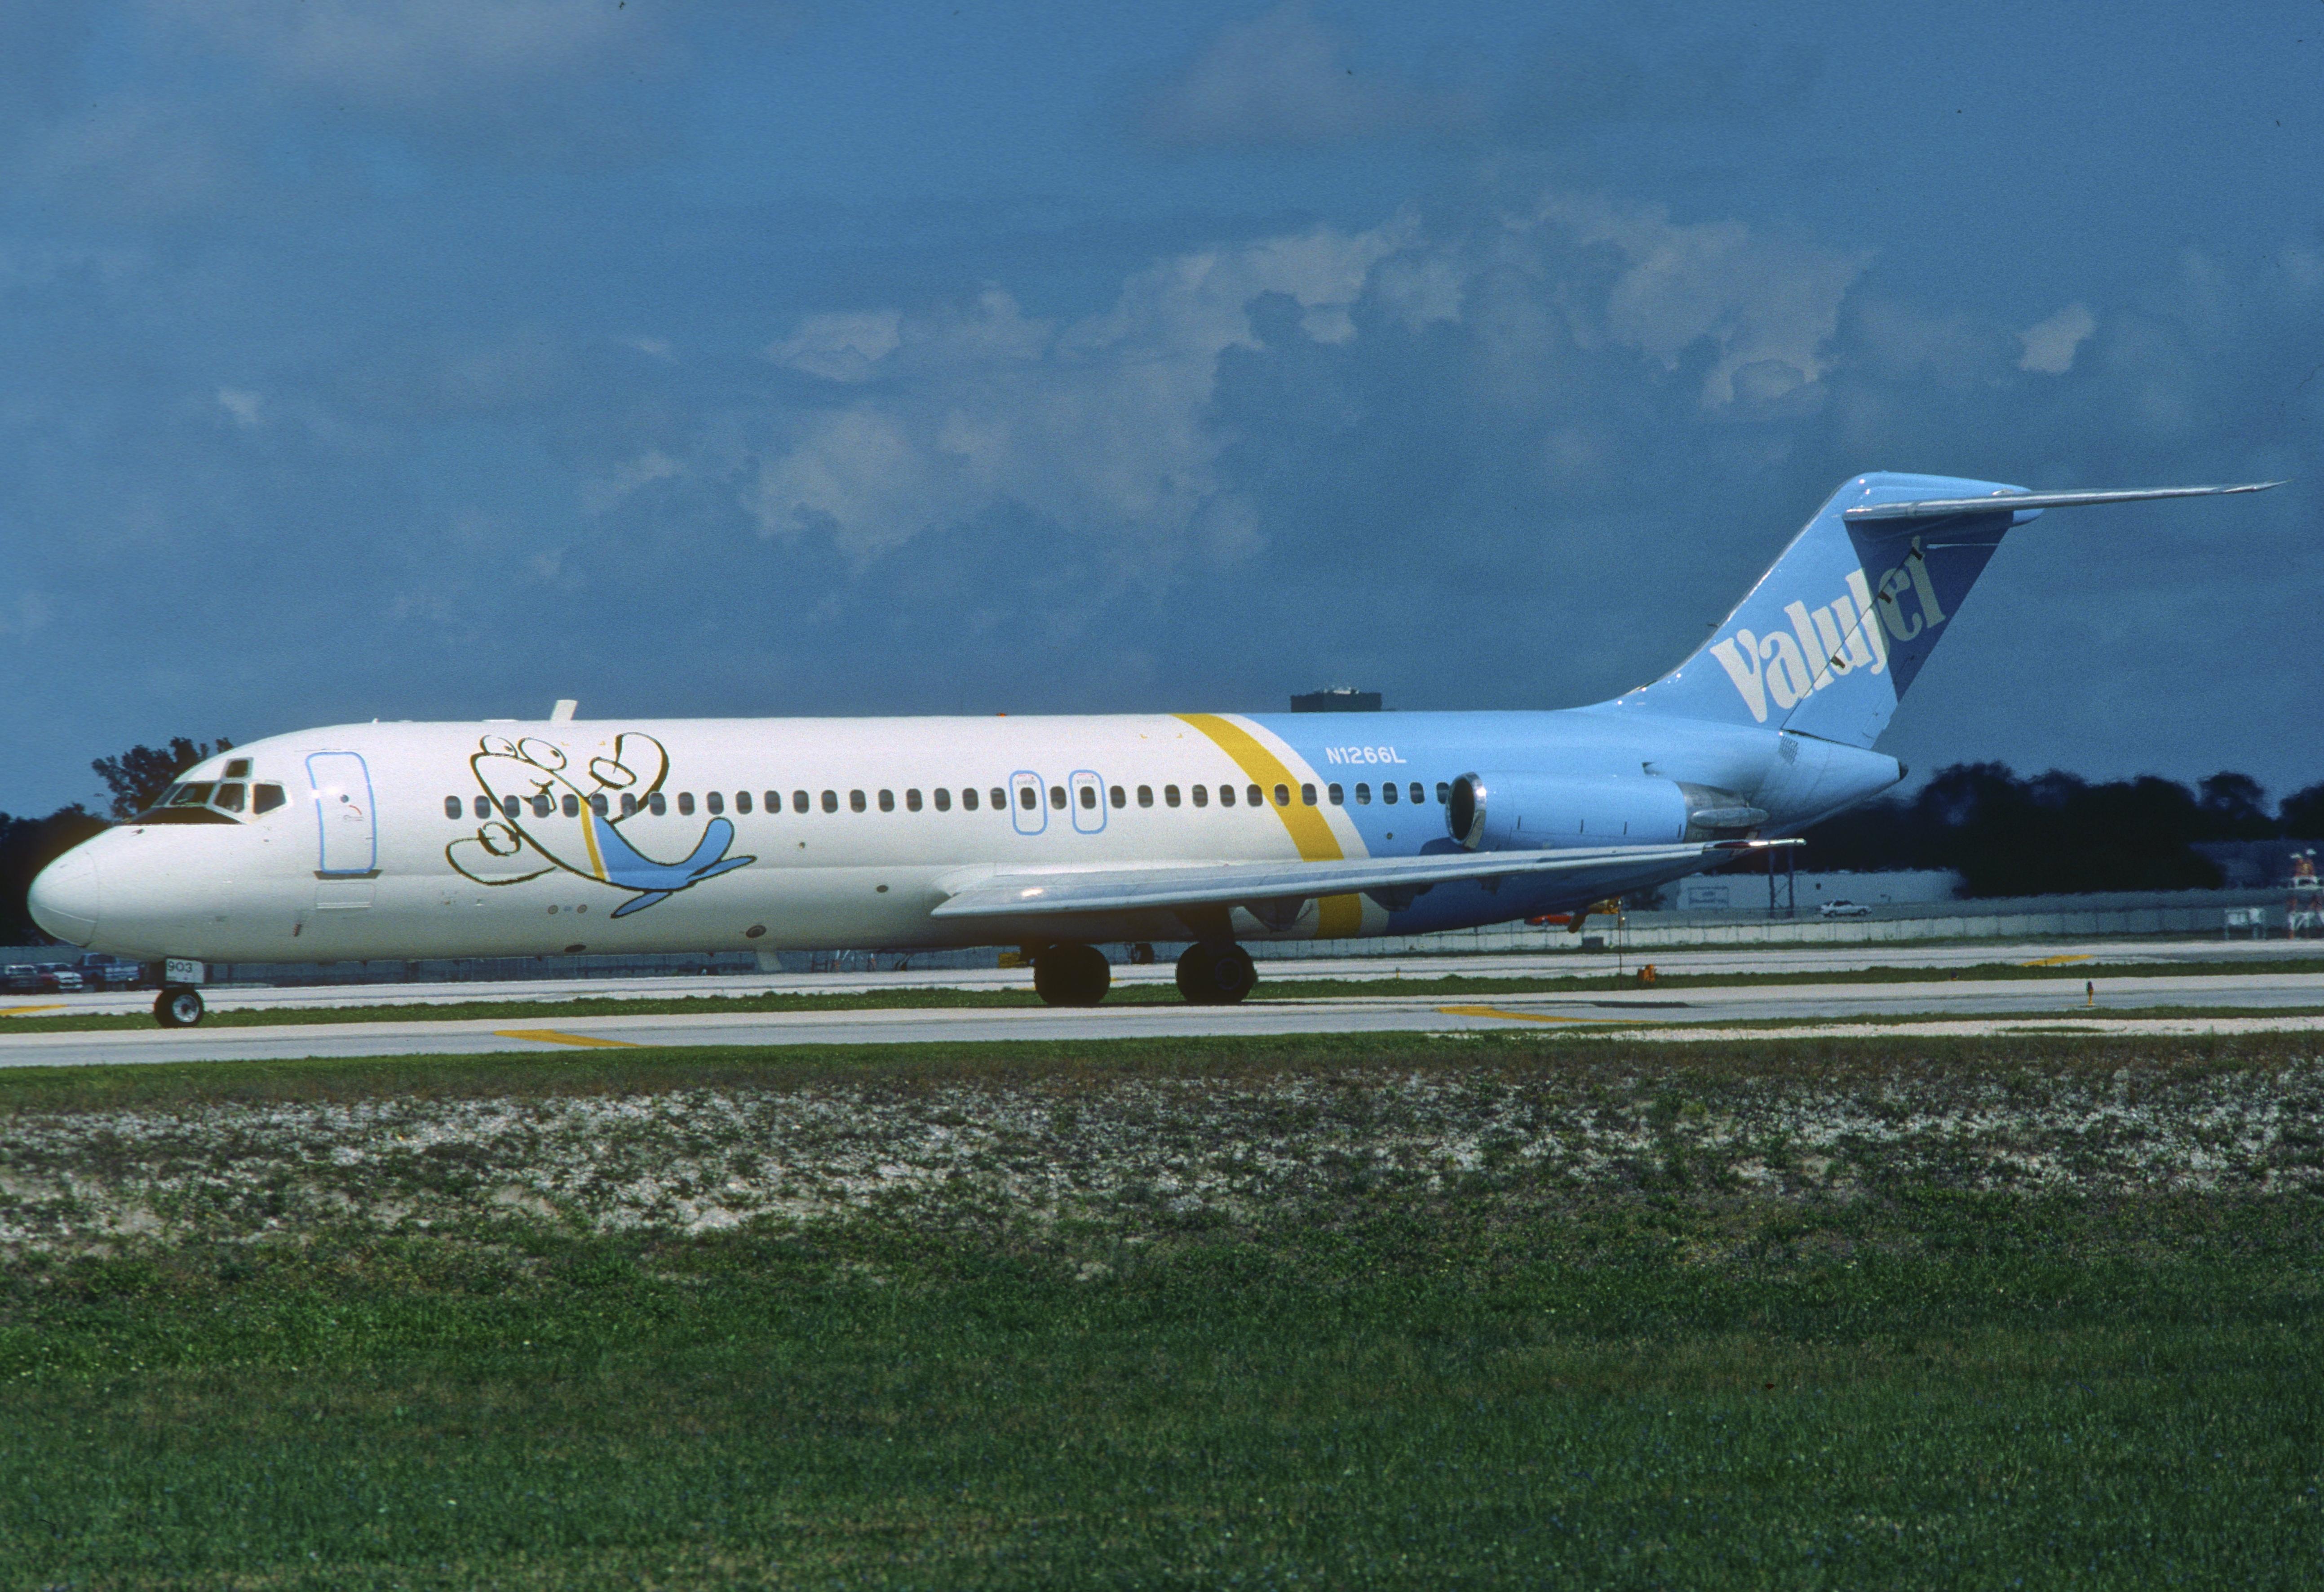 טיסה 592 של וליוג'ט